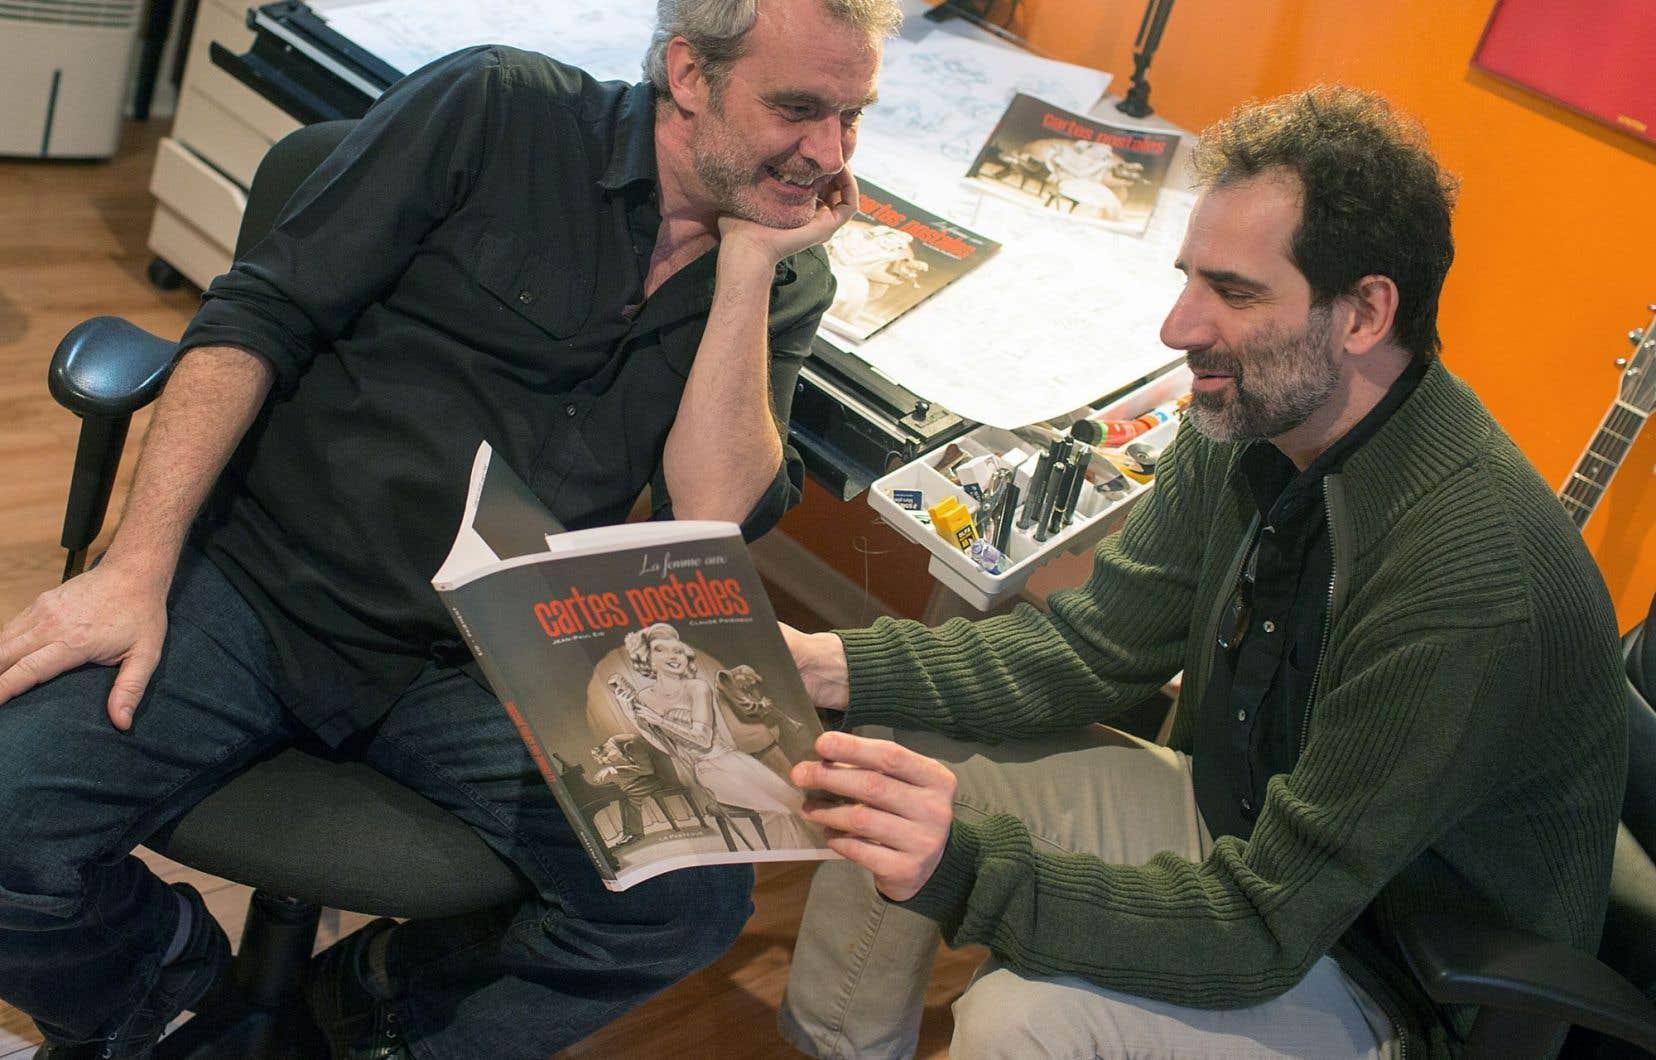 Le bédéiste Jean-Paul Eid et le dramaturge Claude Paiement ont décroché le prix de la critique ACBD de la bédé québécoise avec «La femme aux cartes postales».